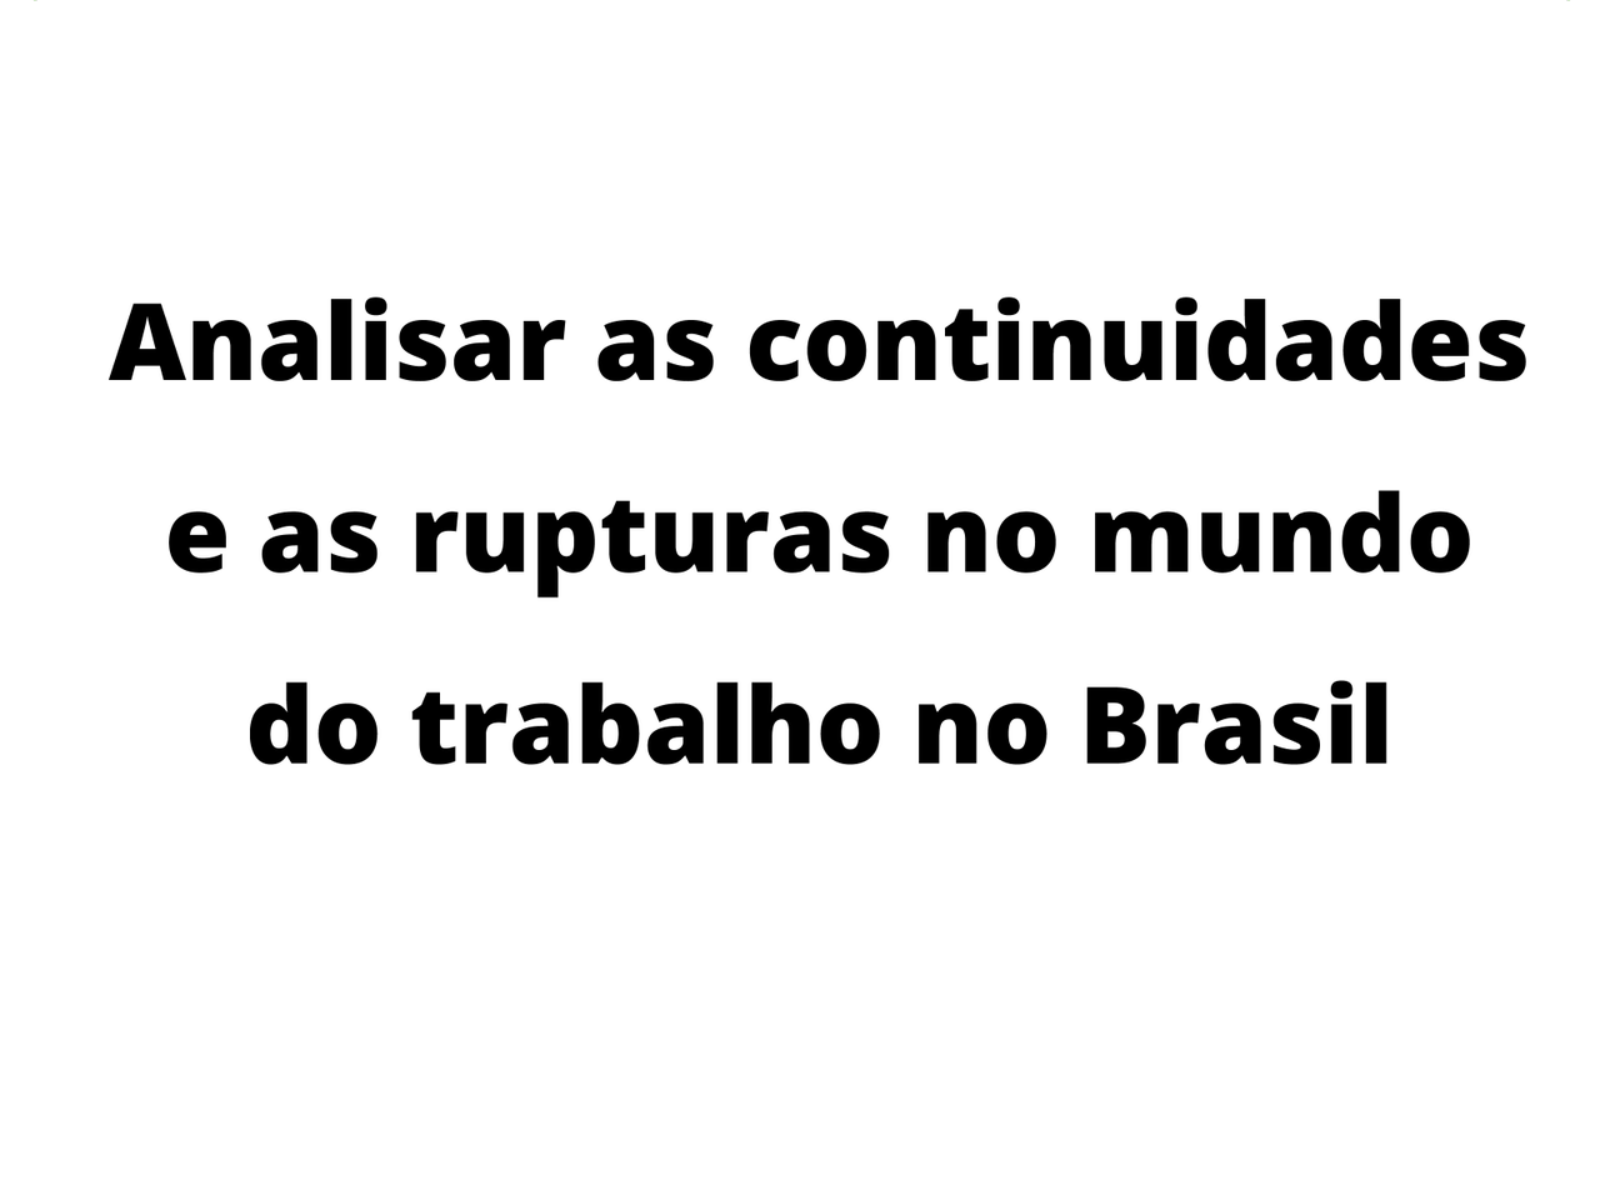 As continuidades e as rupturas no mundo do trabalho no Brasil